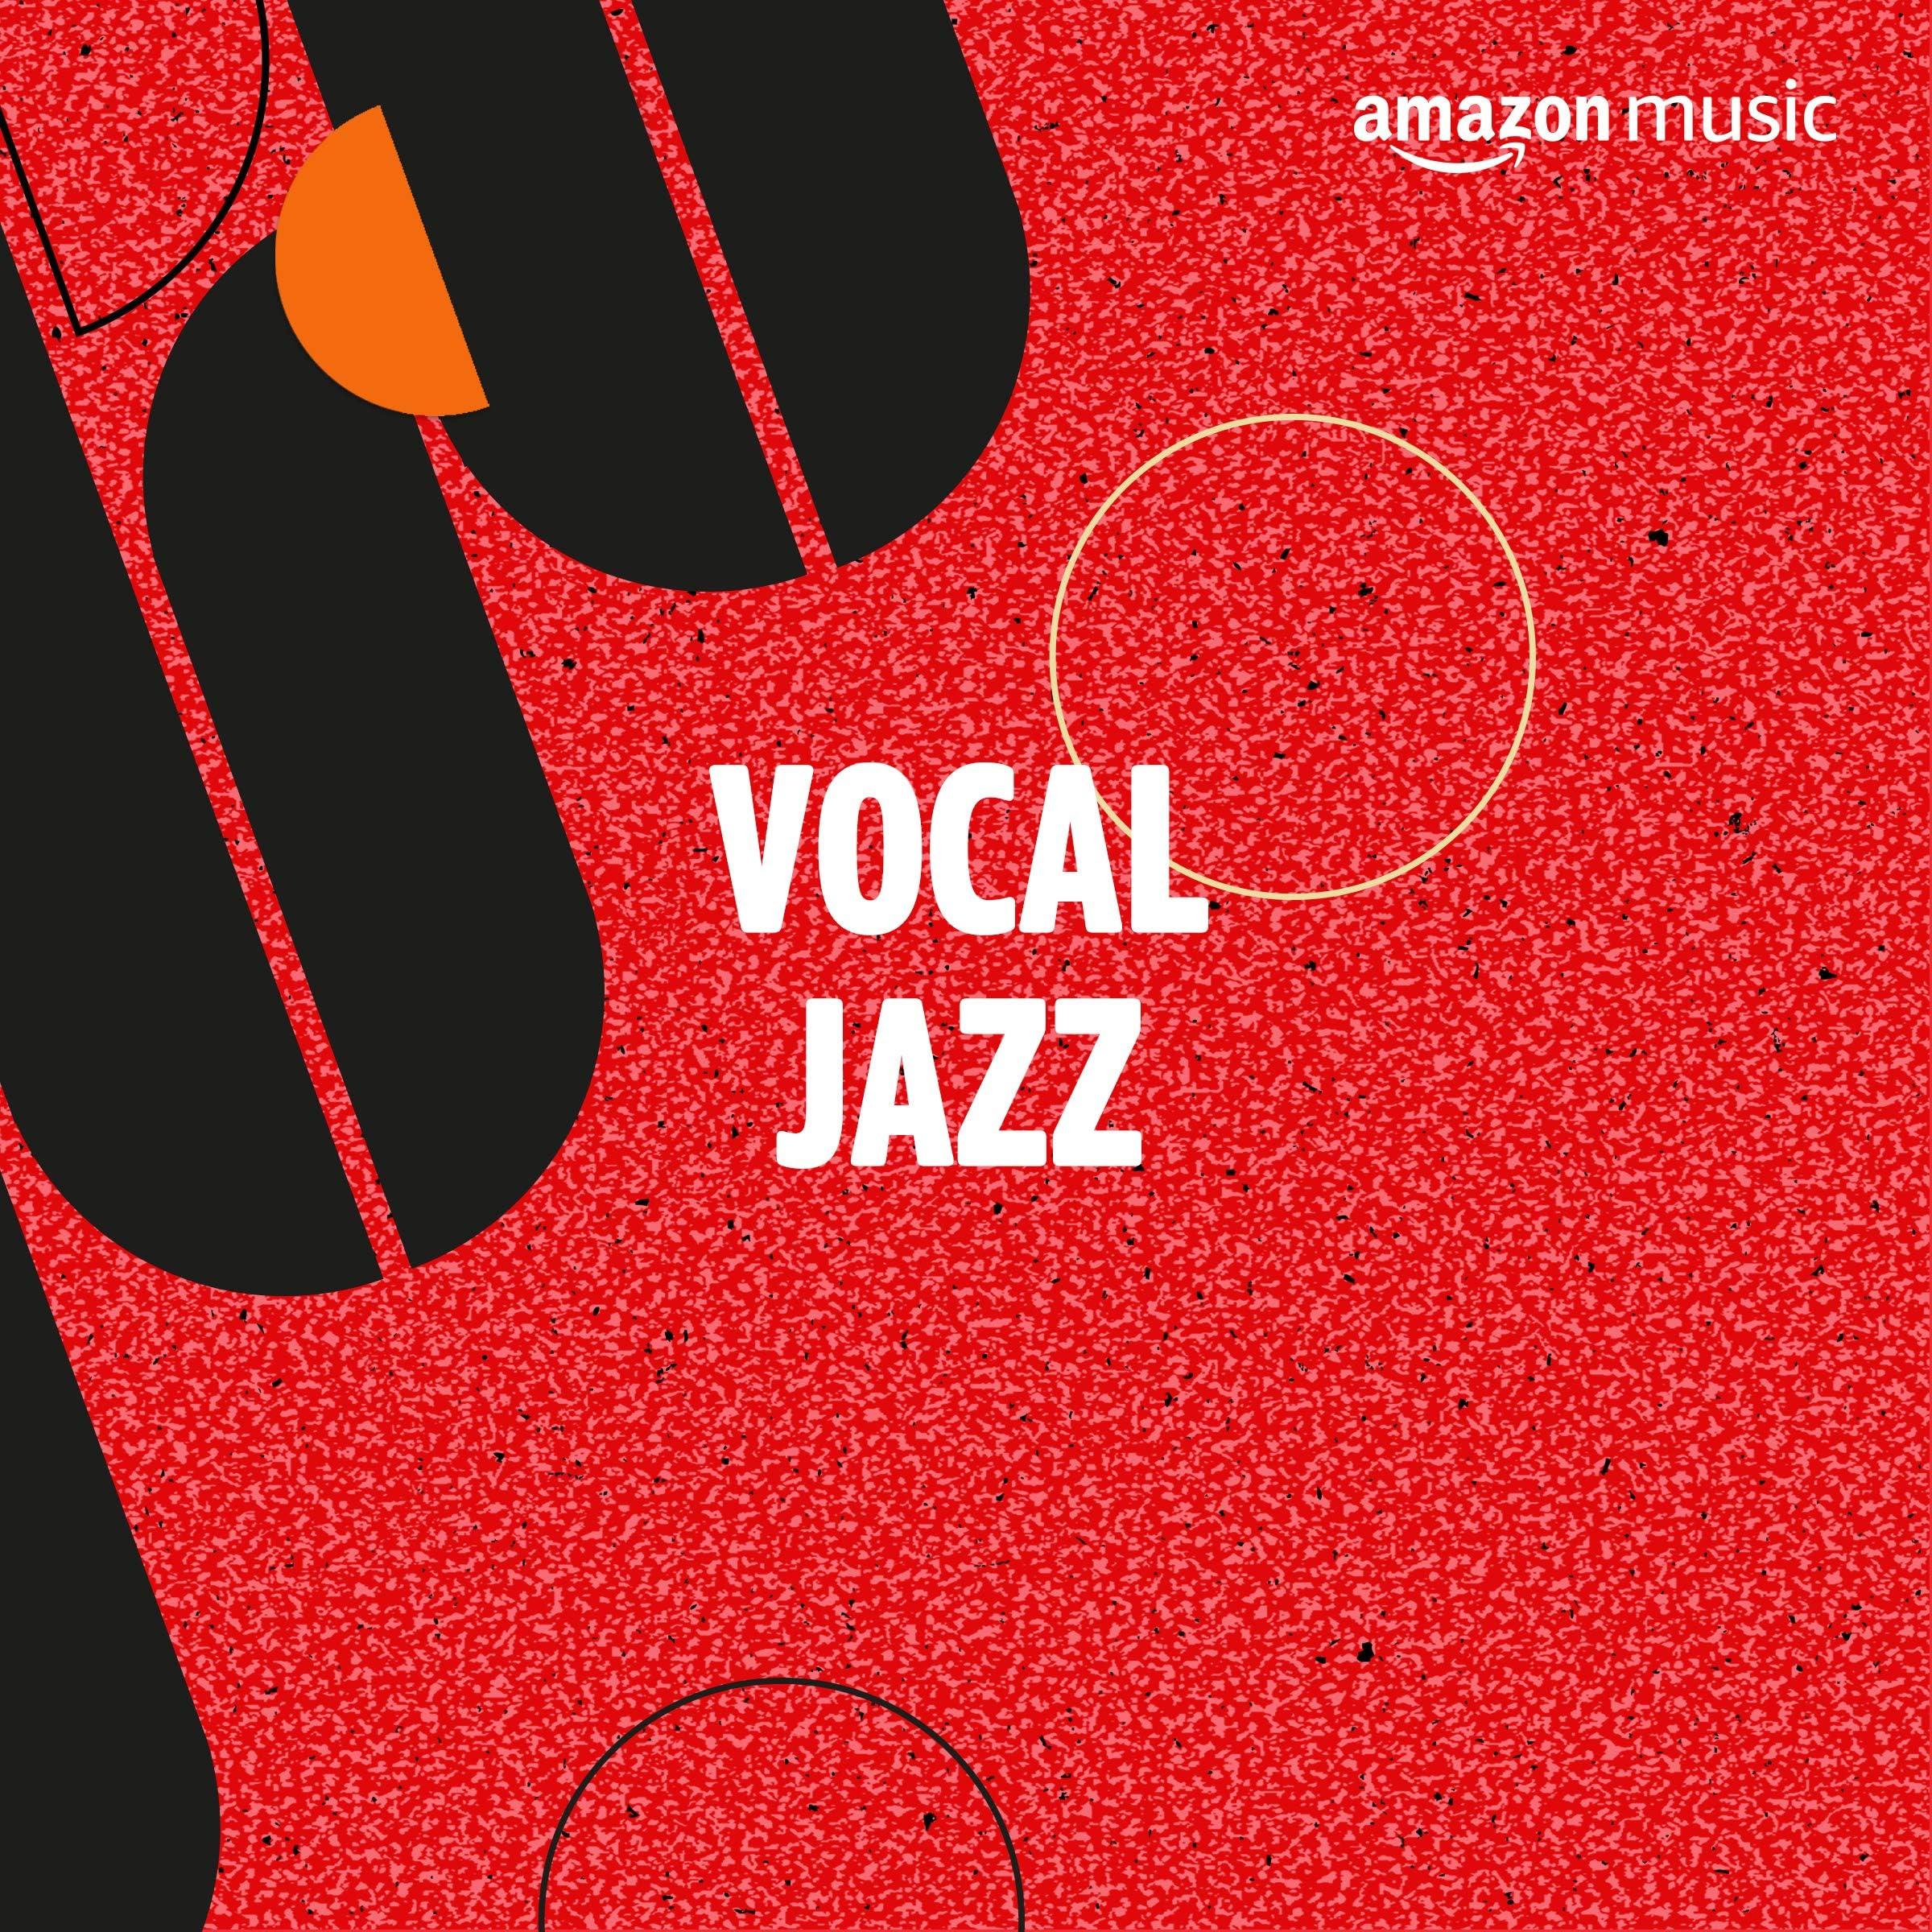 Vocal Jazz